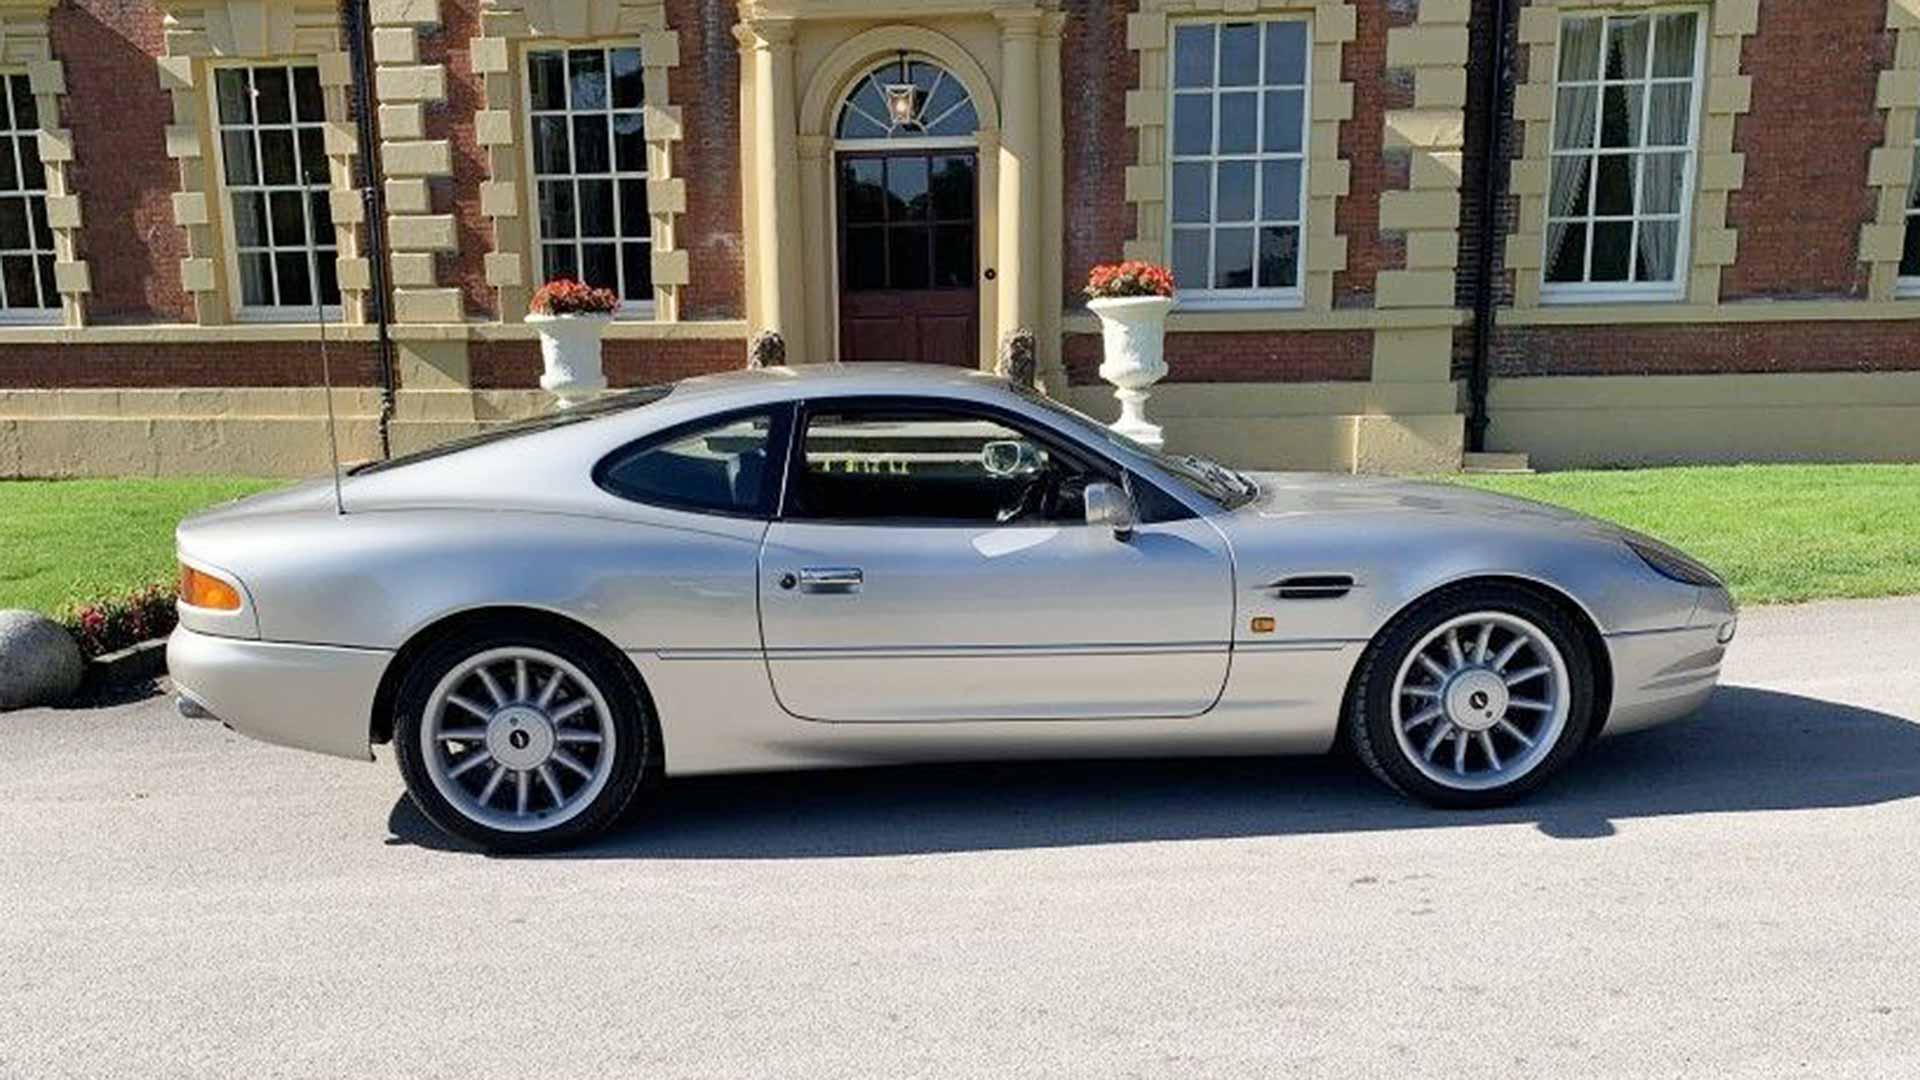 Roy Keane's Aston Martin DB7